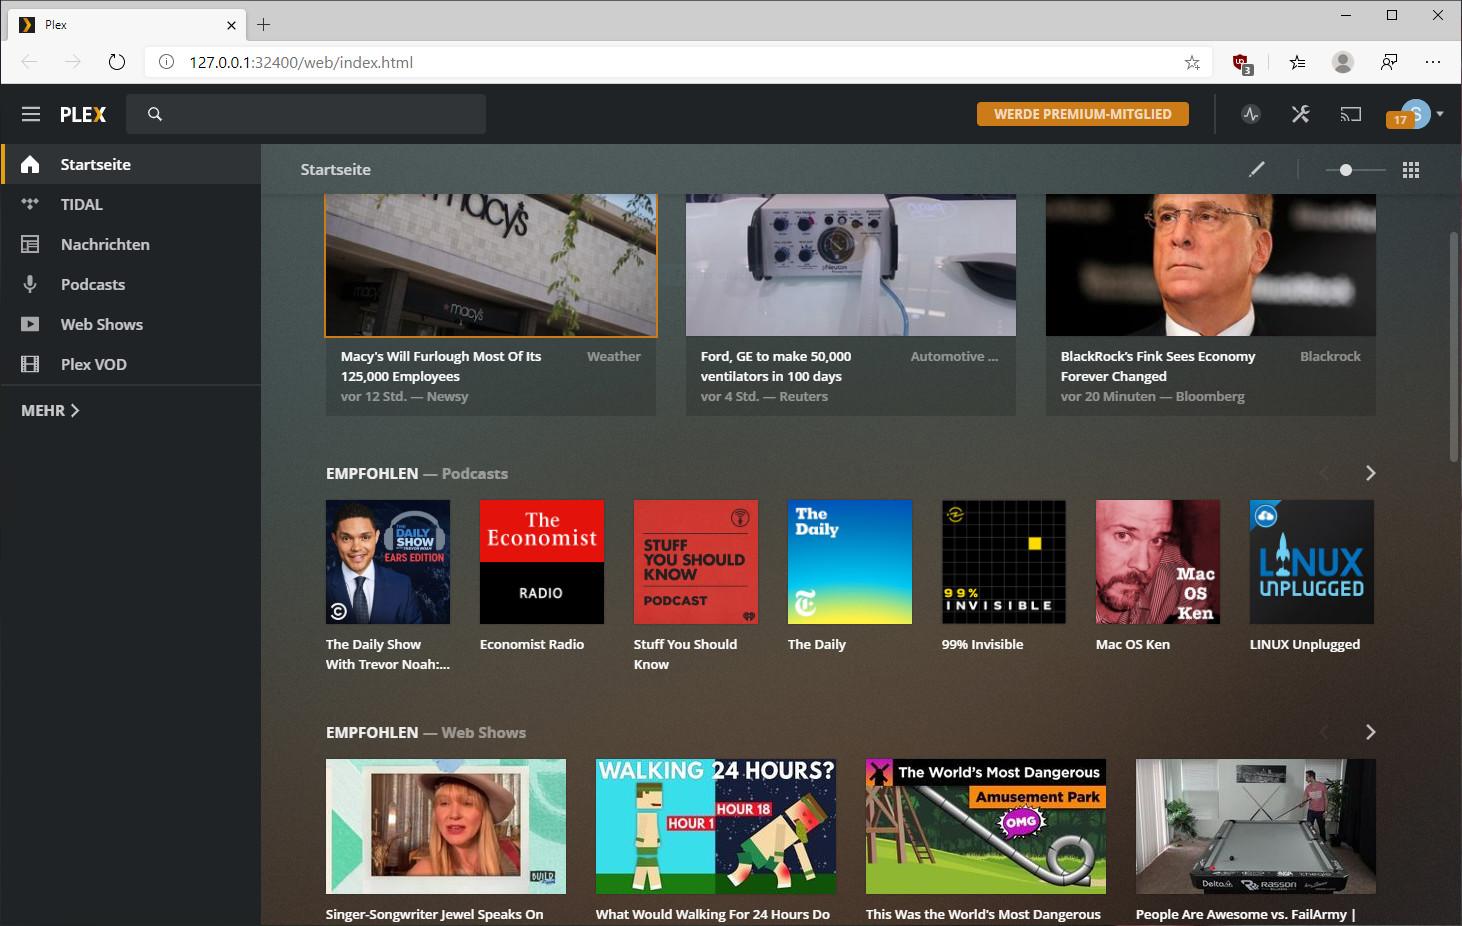 Screenshot 1 - Plex Media Server